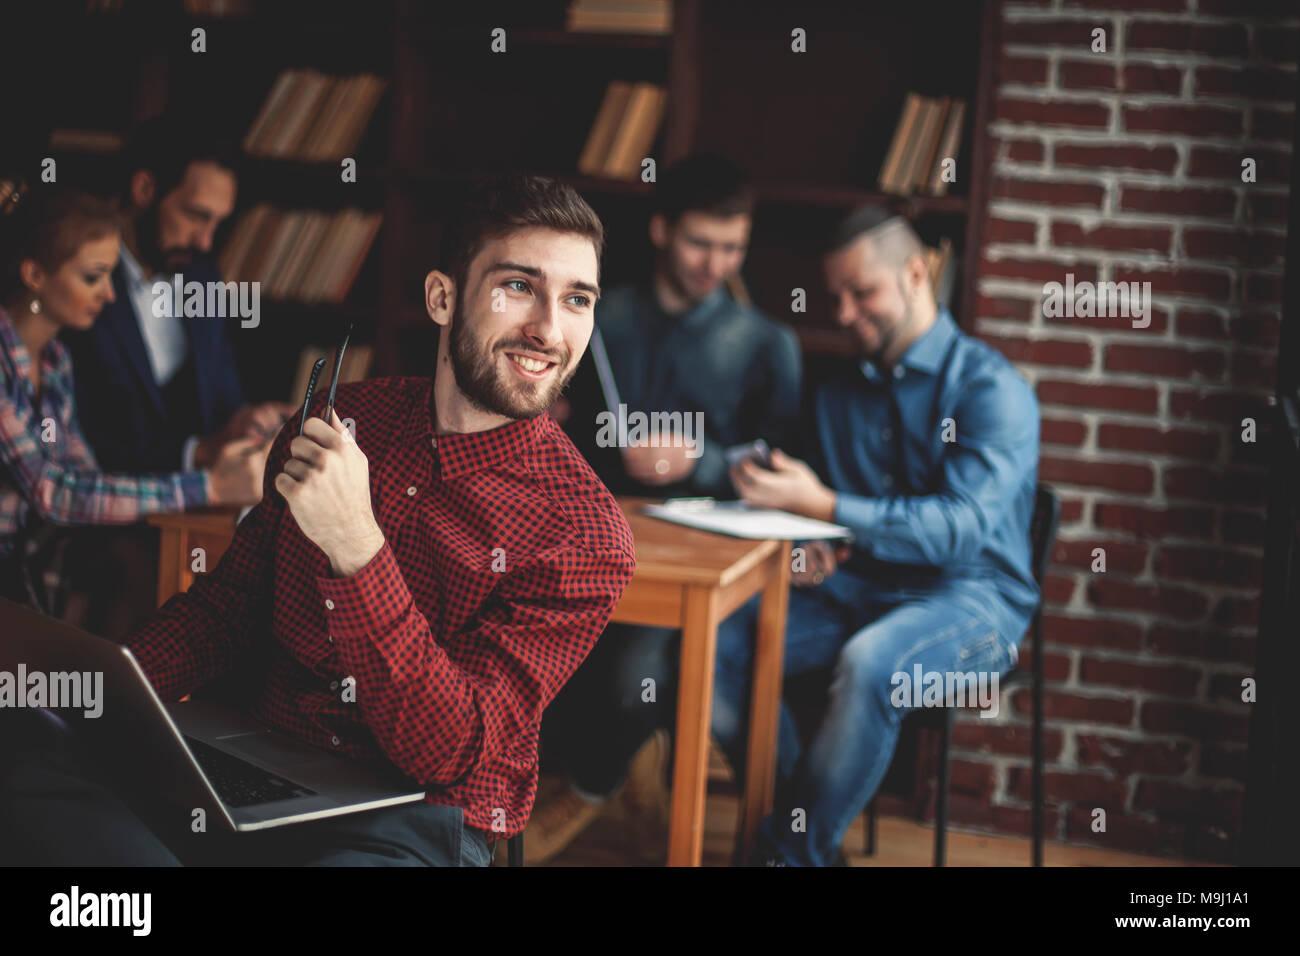 Oficial de la compañía con el portátil en el negocio de fondo Foto de stock